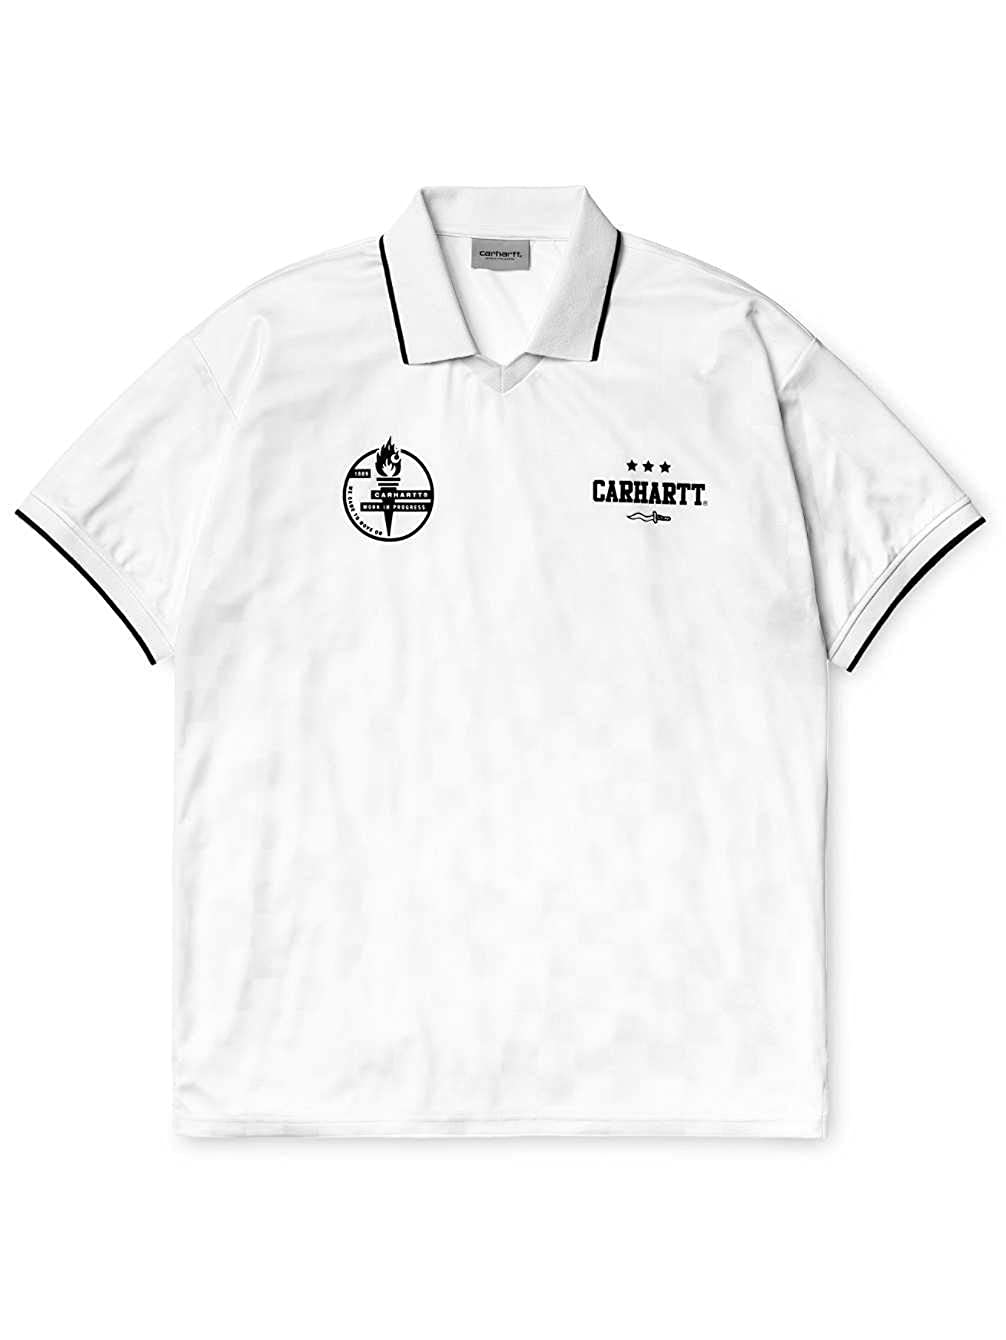 Carhartt - Camiseta - para hombre blanco/negro M: Amazon.es: Ropa ...